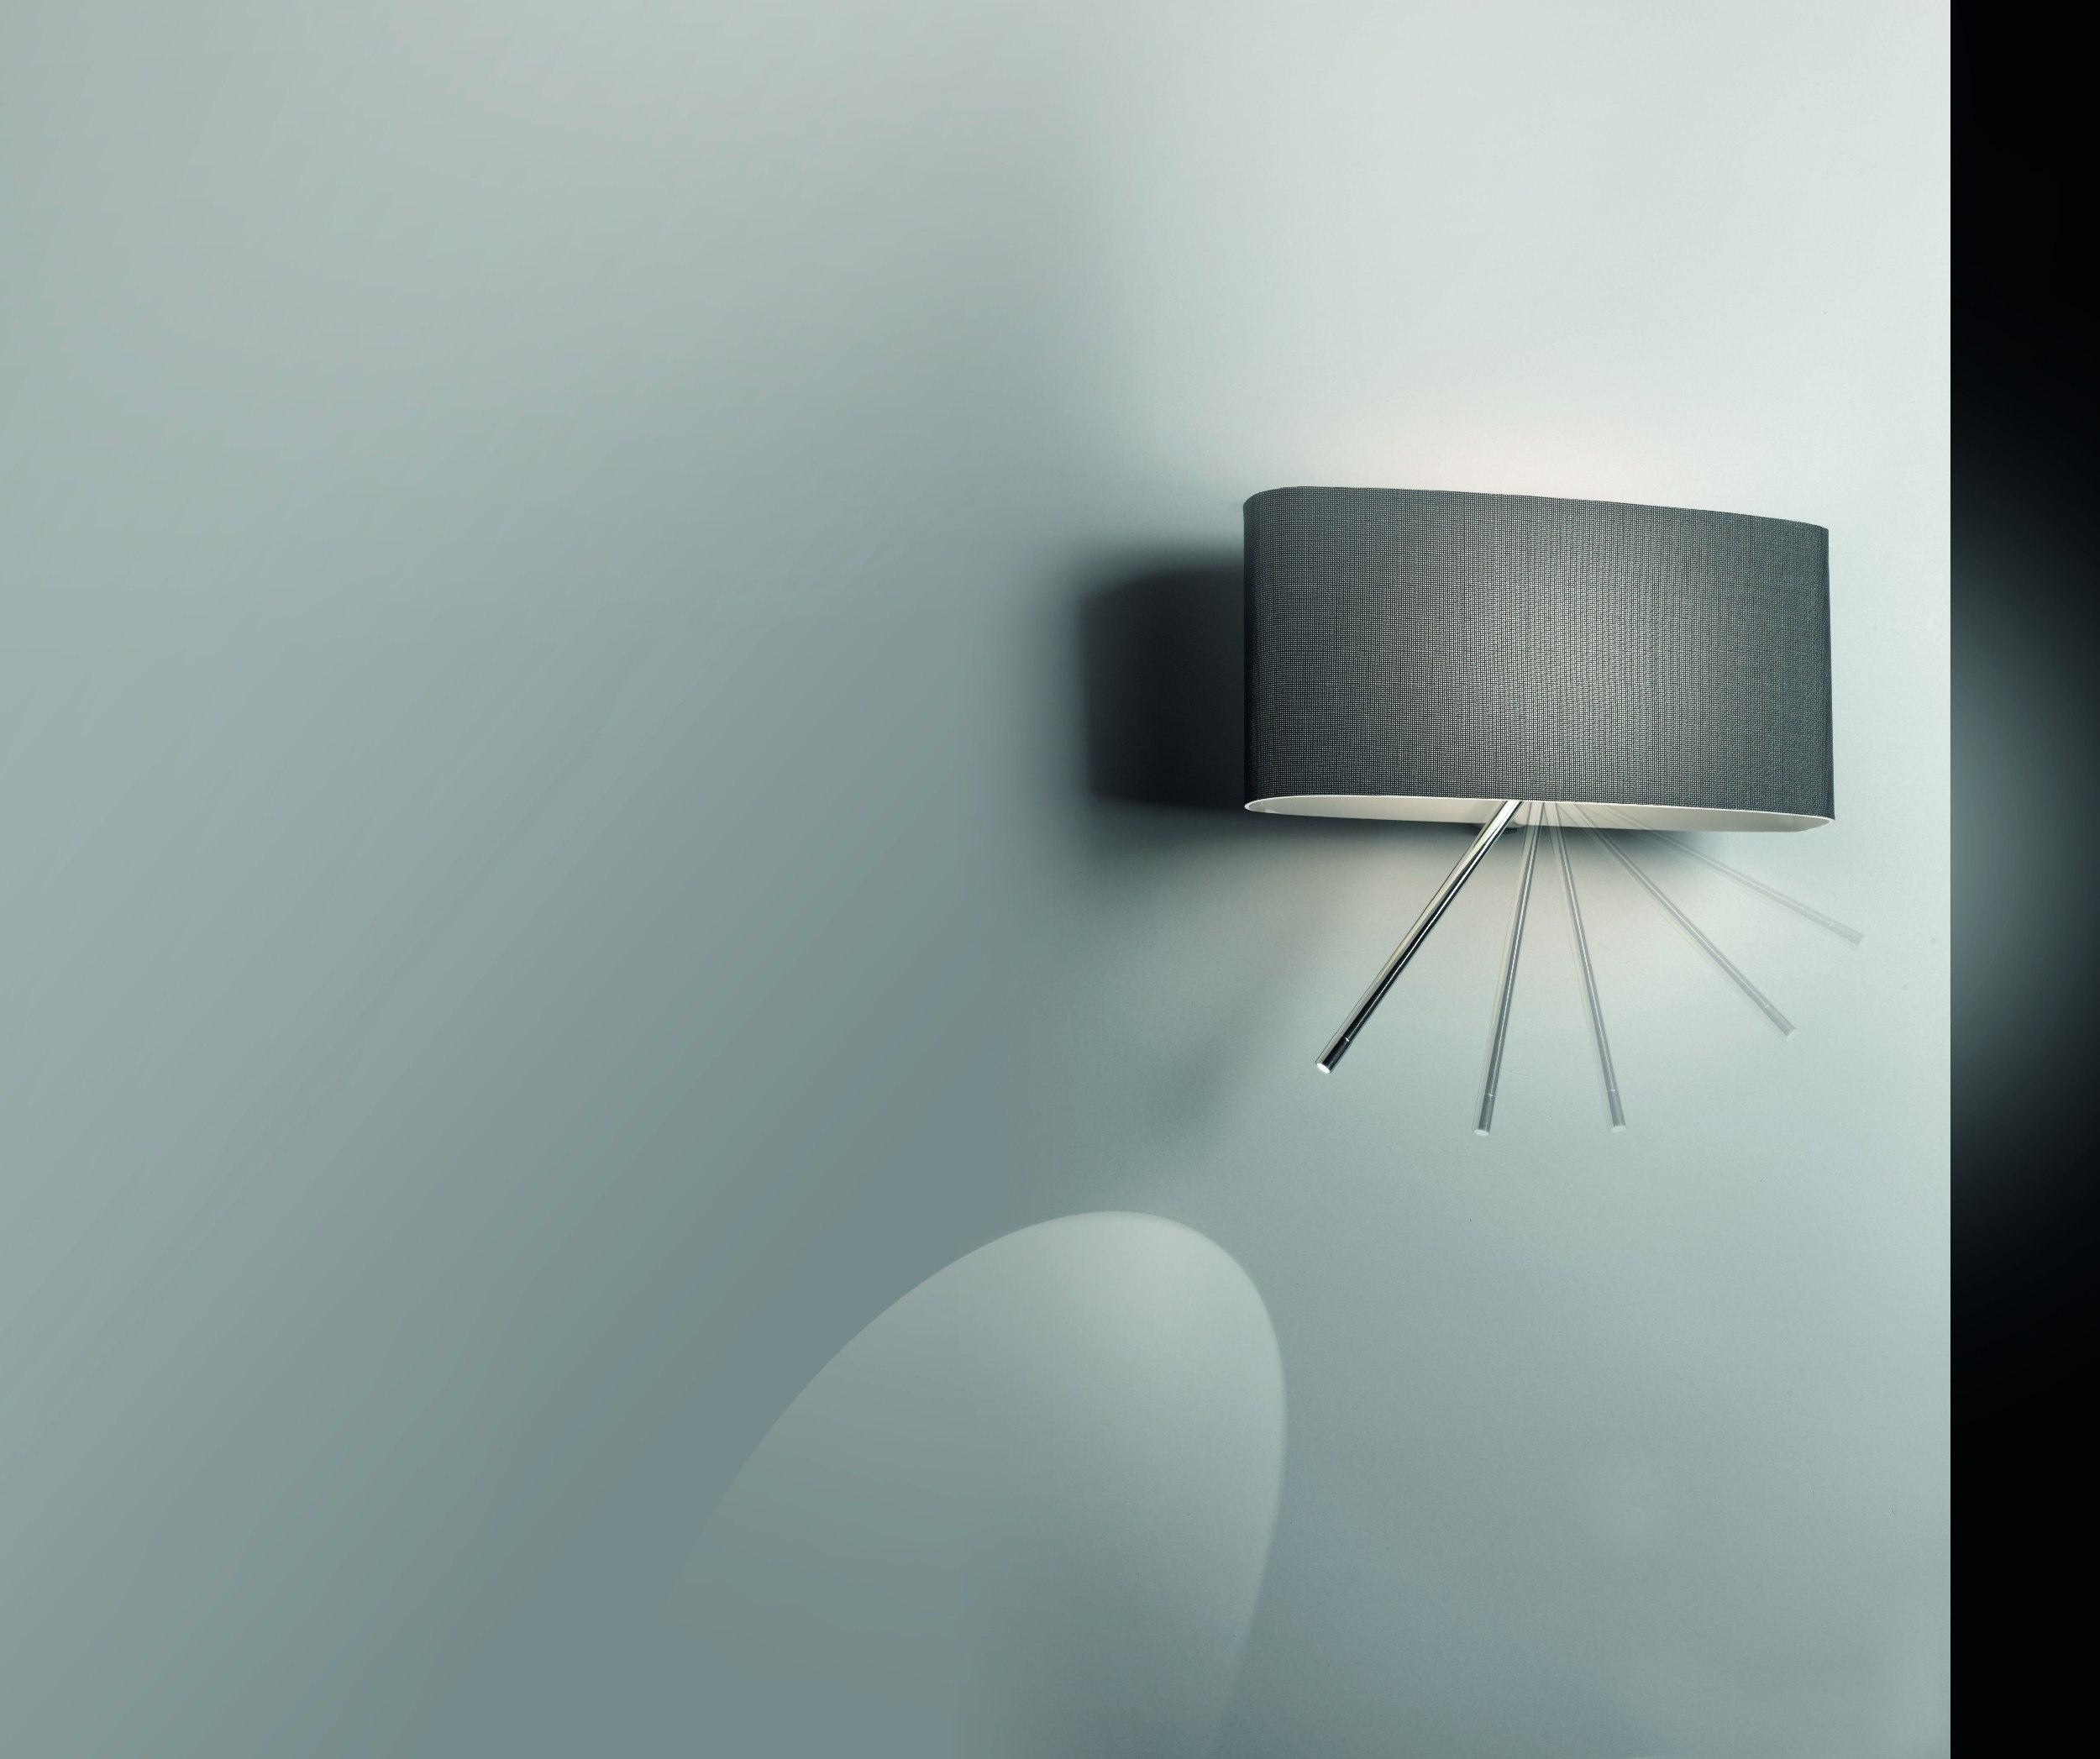 wandlampe leseleuchte pupilla 4571 von egoluce led leuchten innenleuchten platinlux der. Black Bedroom Furniture Sets. Home Design Ideas